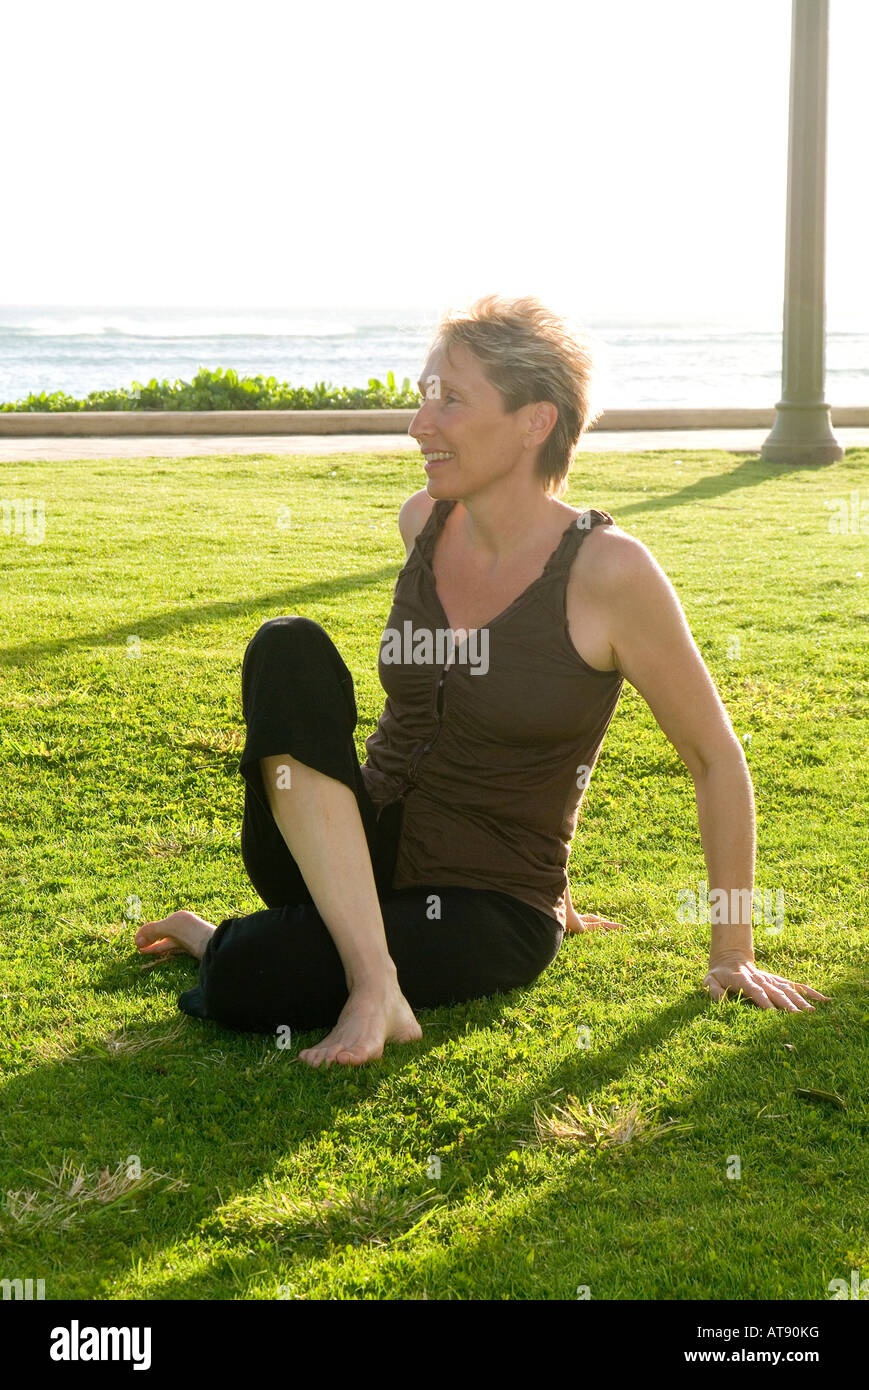 Una mujer prácticas yoga en la hierba en Queens Park, en la playa de Waikiki. Foto de stock